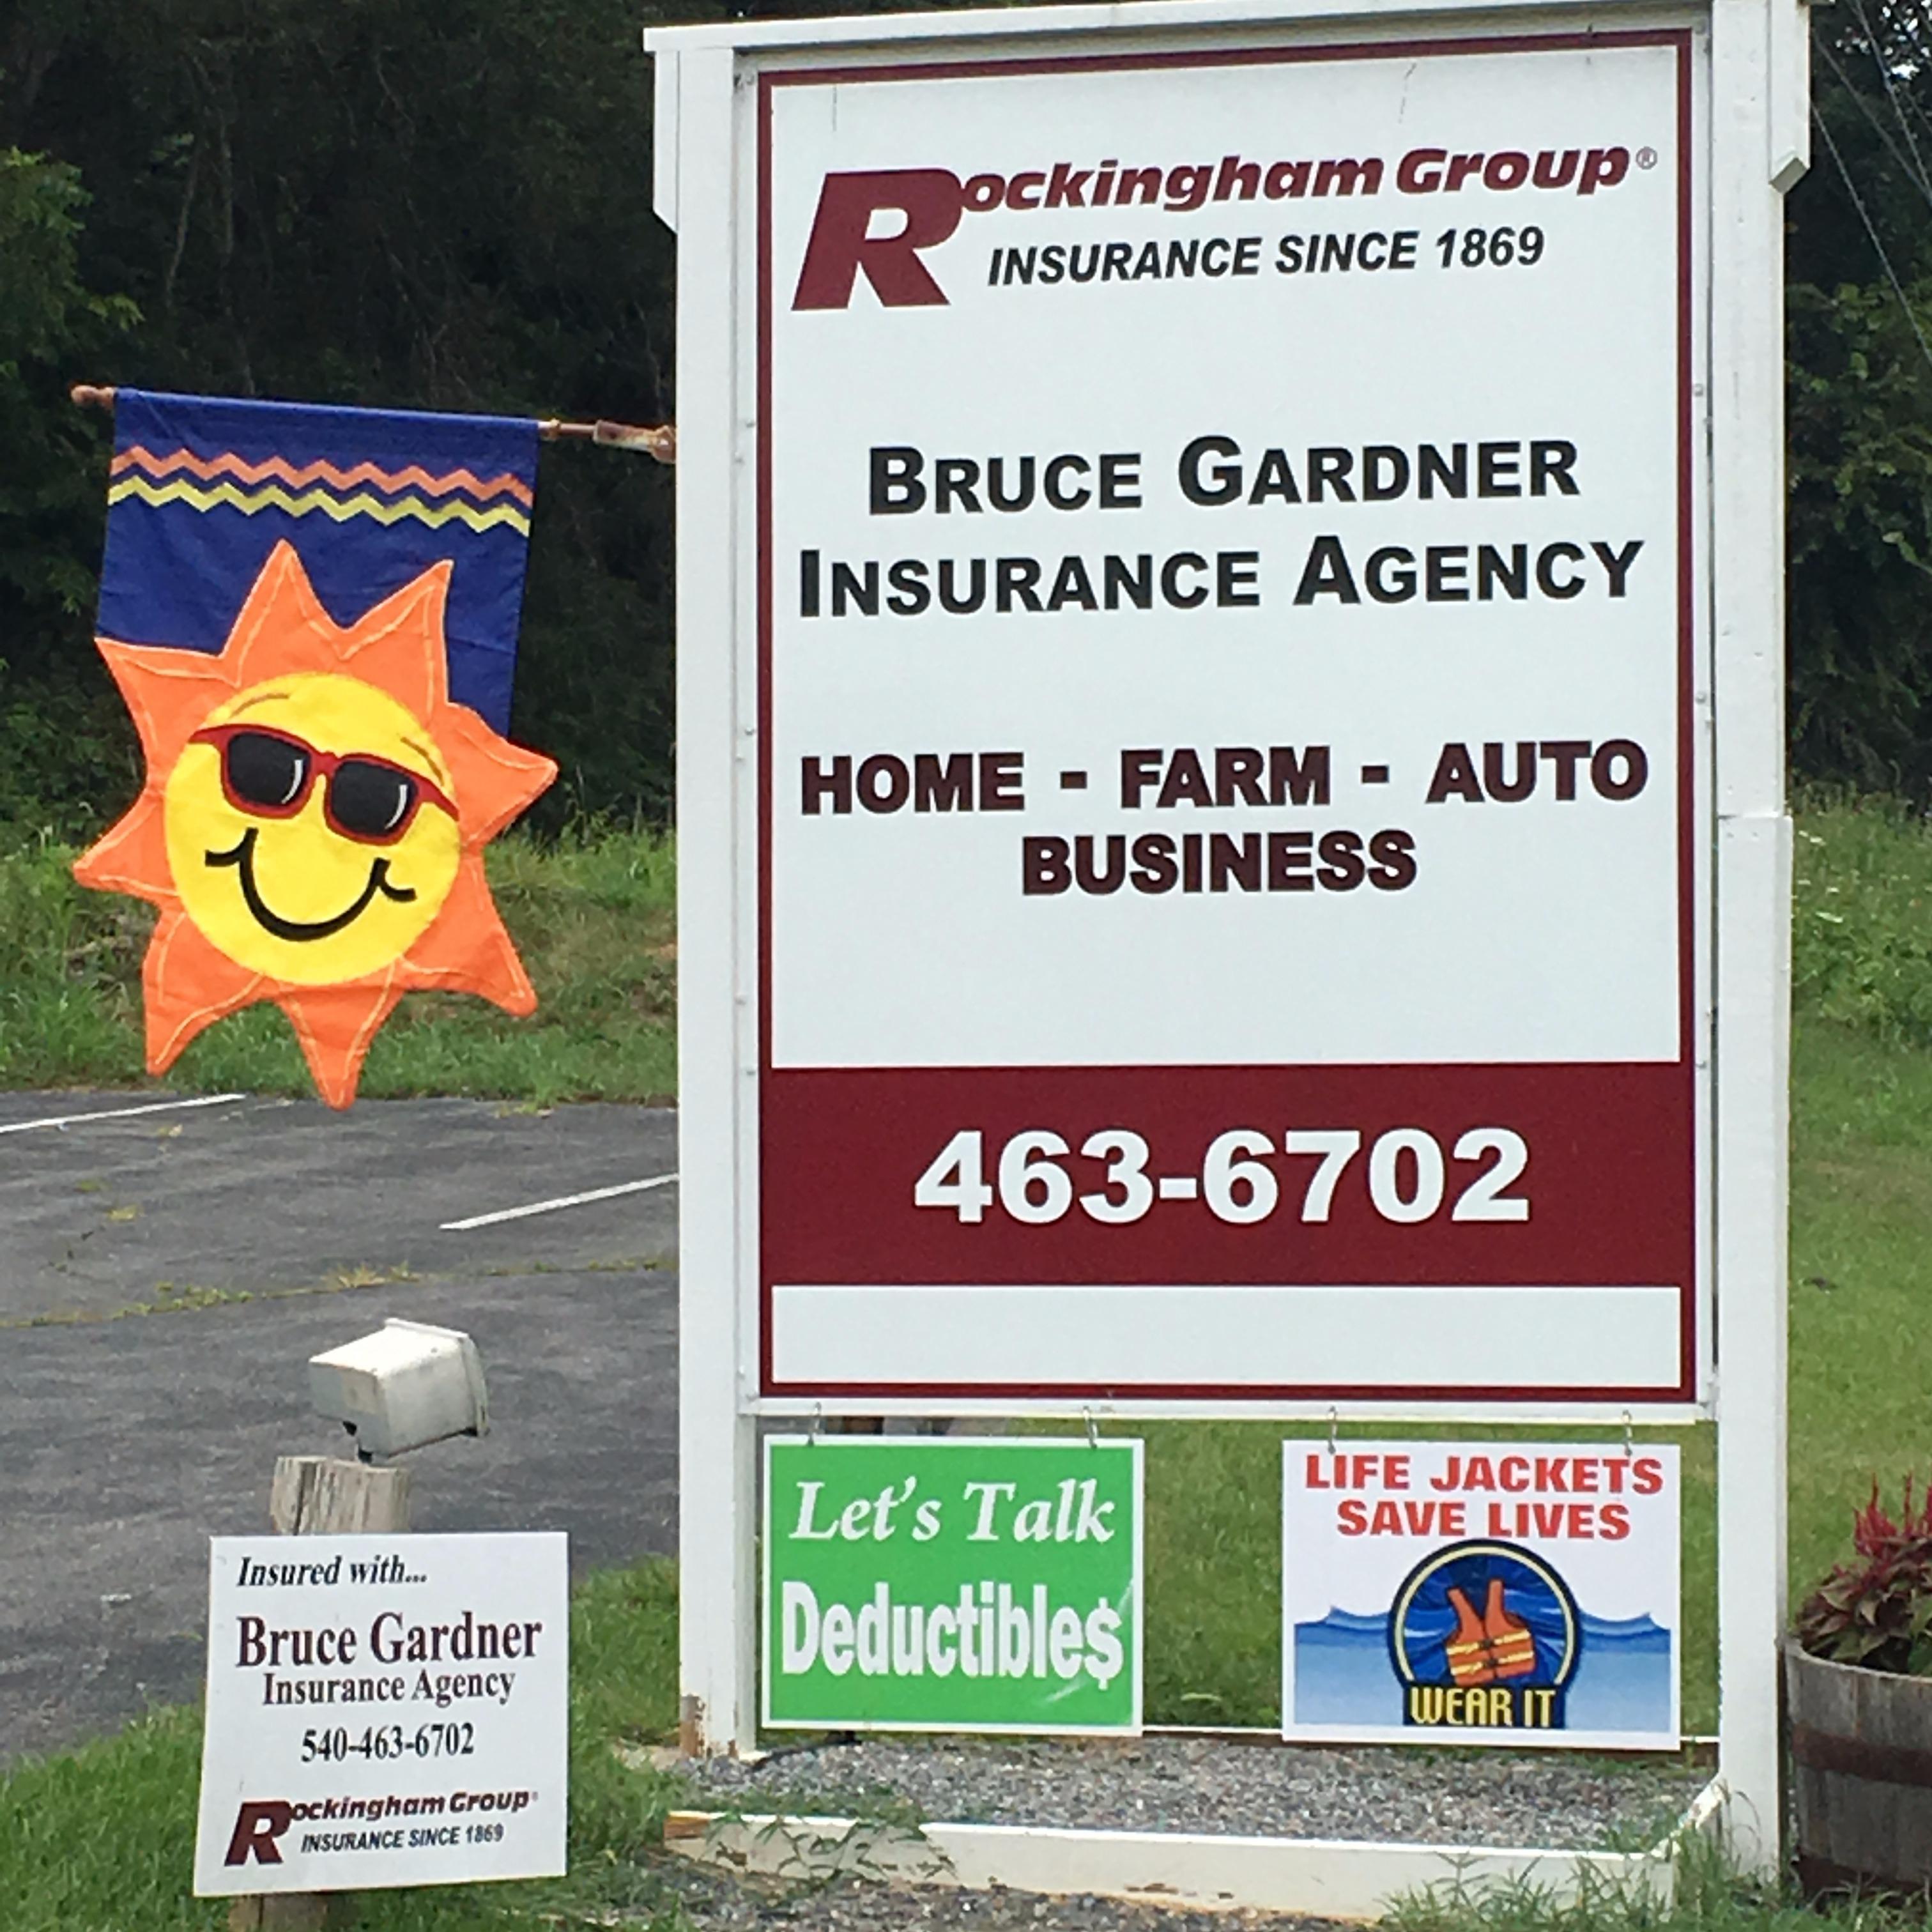 Bruce Gardner Insurance Agency